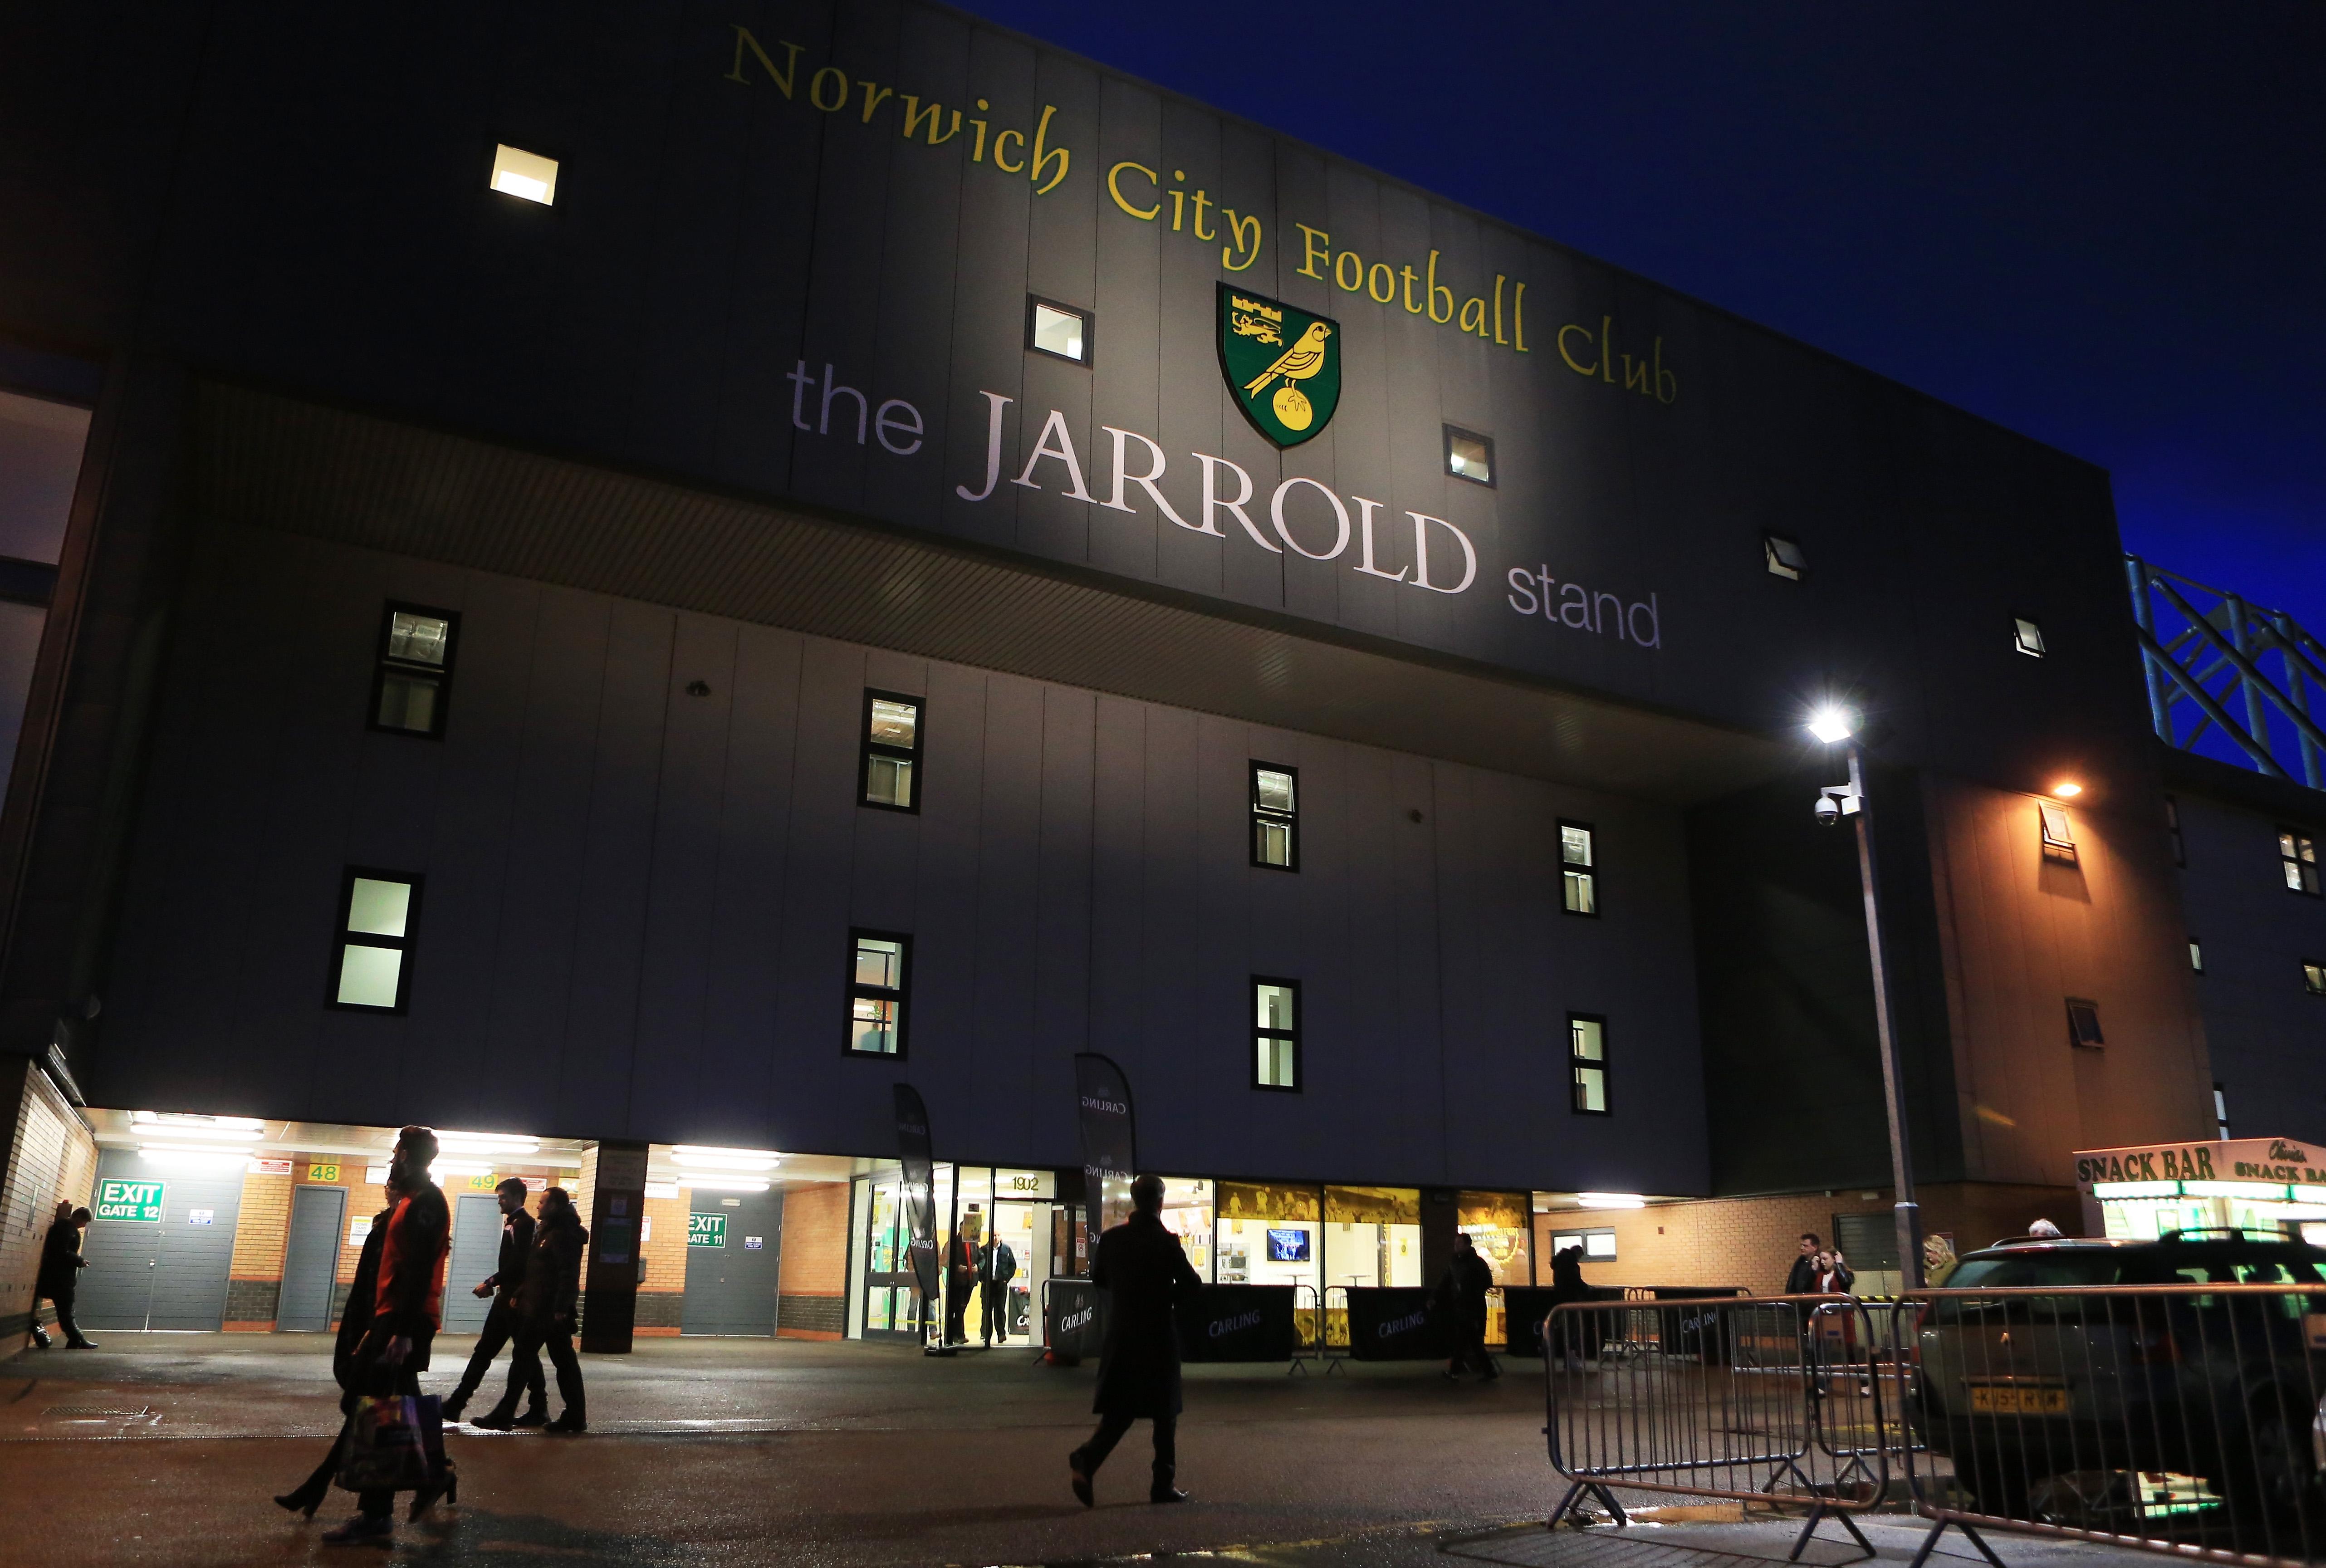 Norwich City v Chelsea - Premier League